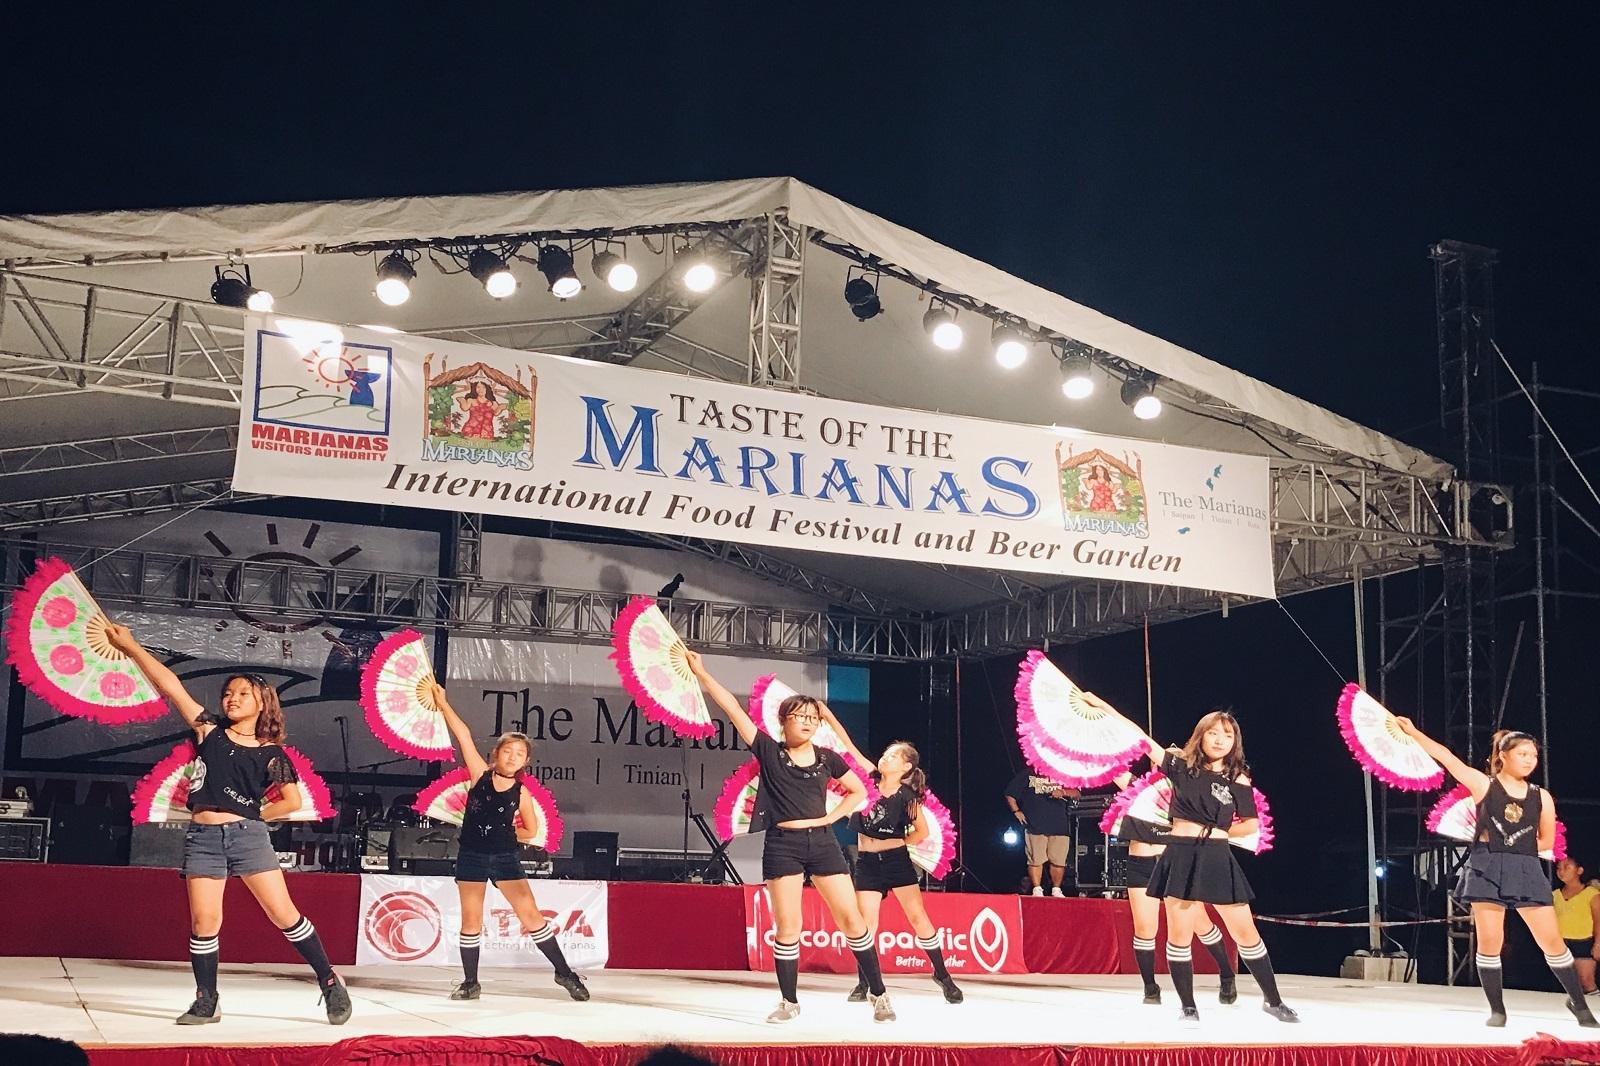 马里亚纳国际美食节暨啤酒花园